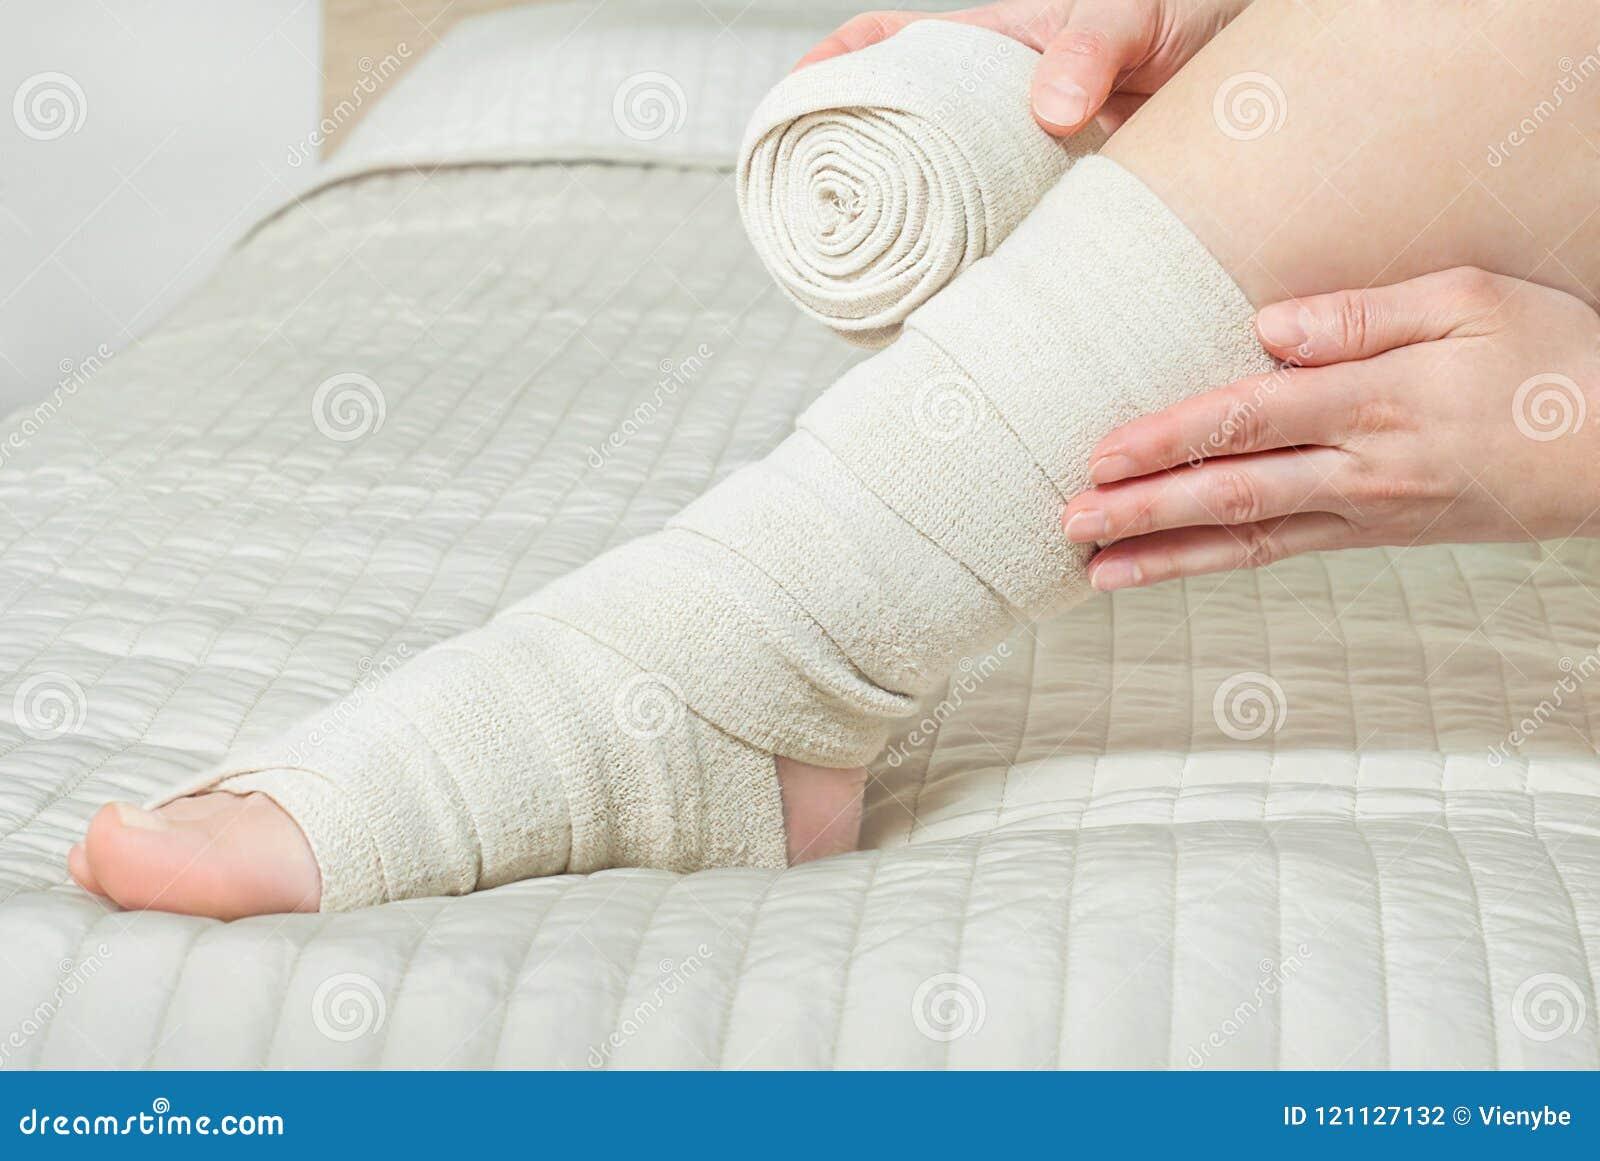 Kobieta stosuje elastycznego uciskowego bandaż jako zakrzepicy zapobieganie po żylakowatej operaci